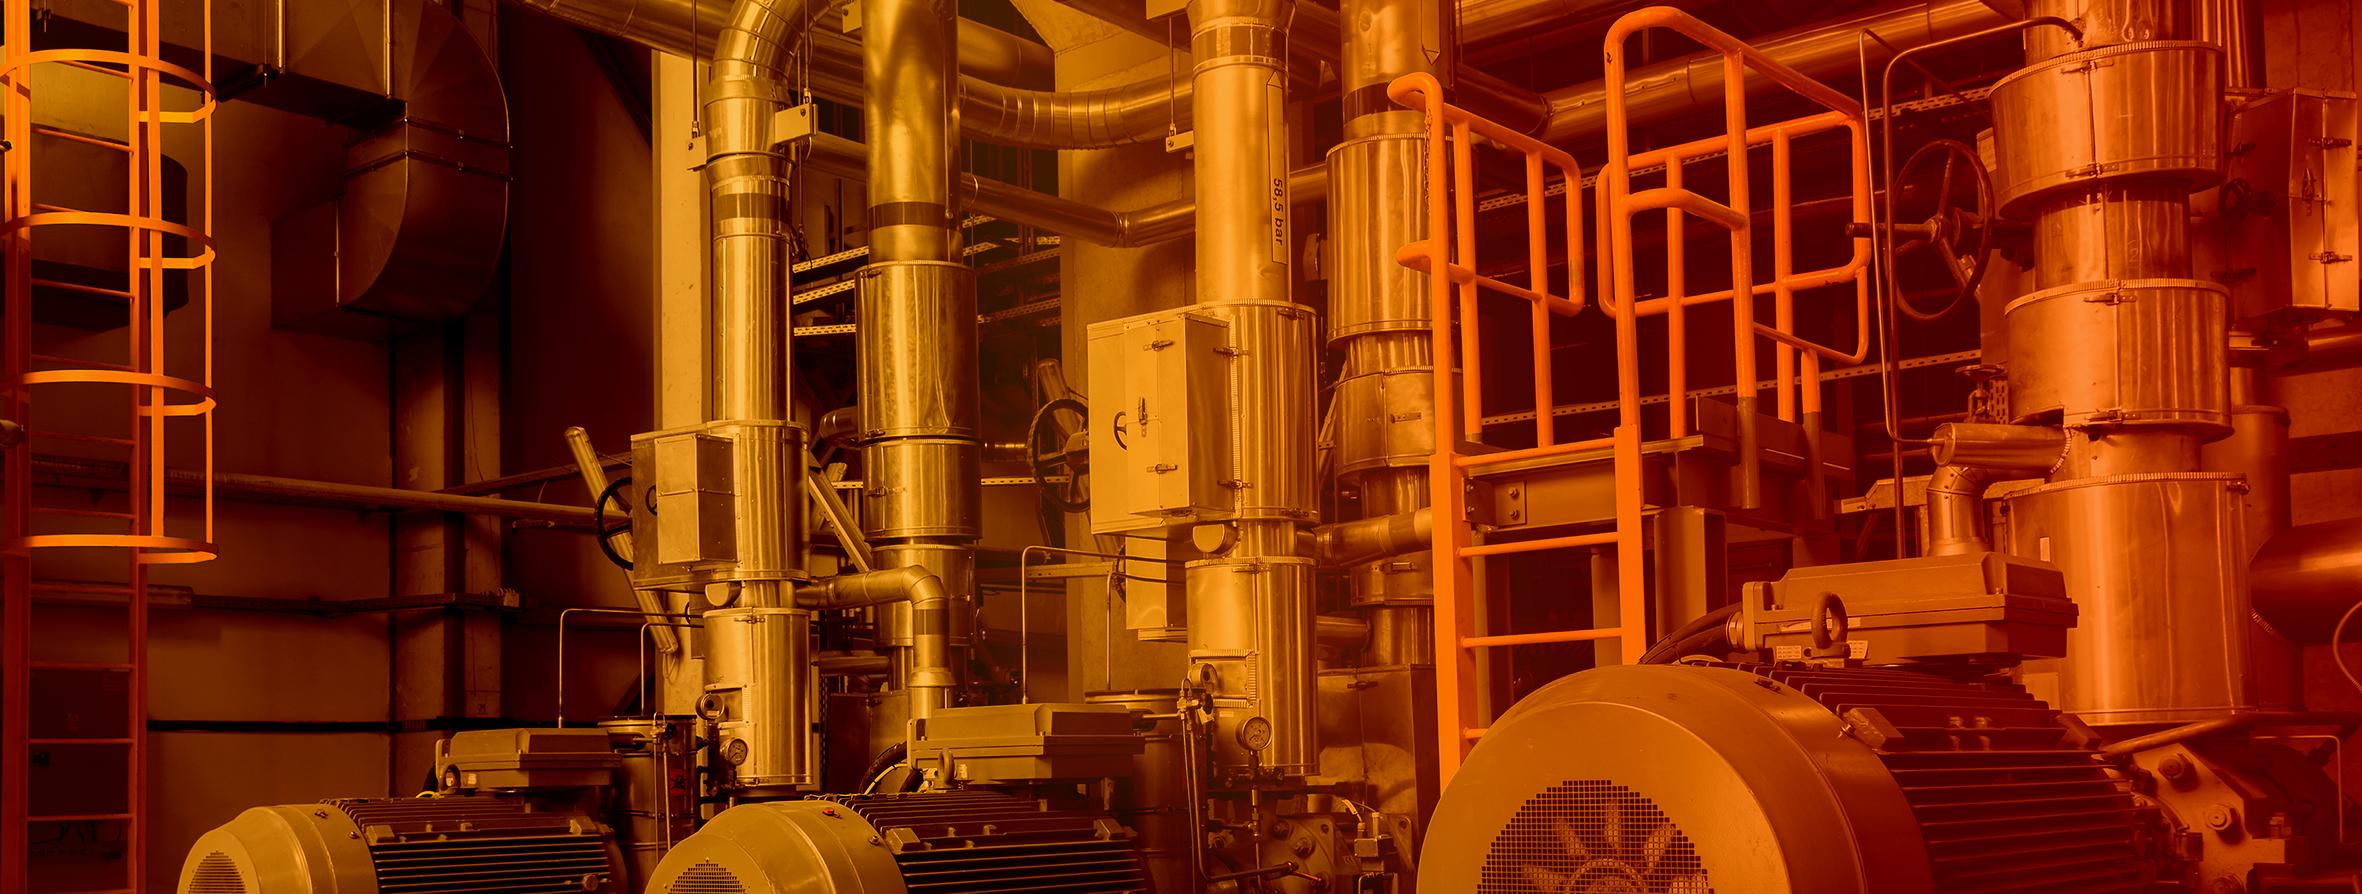 ООО «Краматорсктеплоэнерго» является ведущим предприятием города Краматорск по обеспечению тепловой энергией